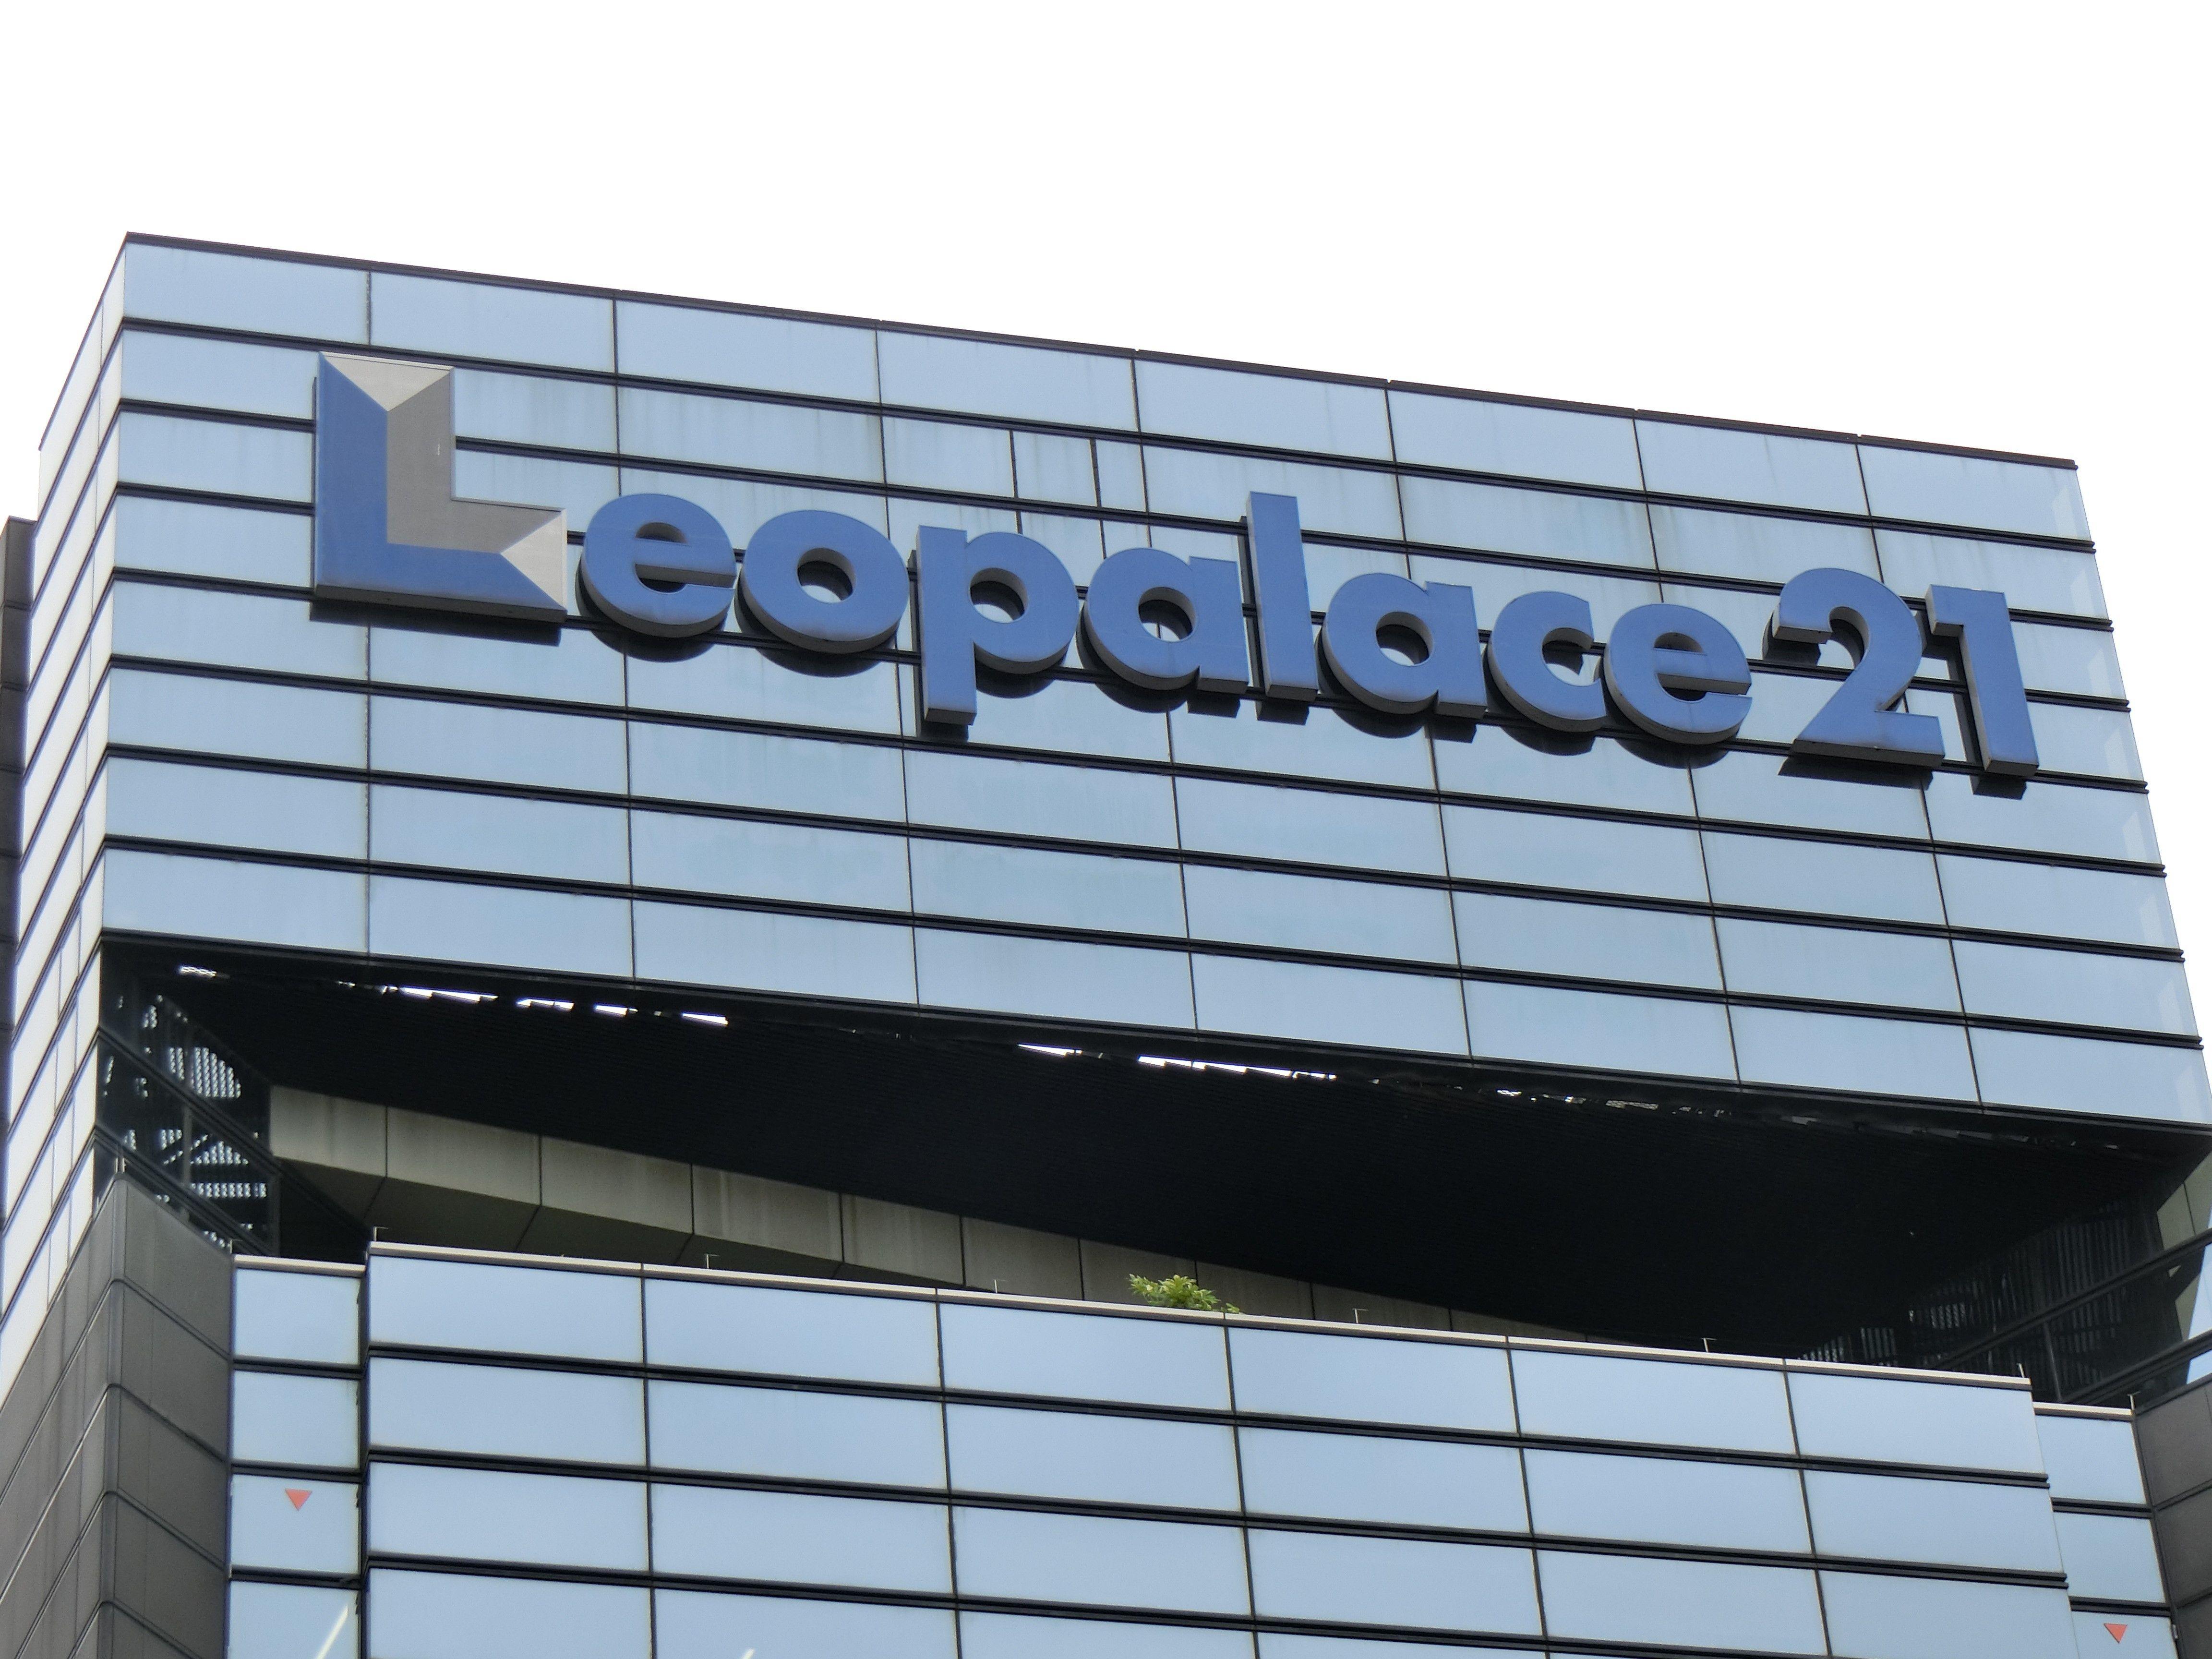 【レオパレス株】アルデシアが買い増し保有15%超える、レノは5%を放出